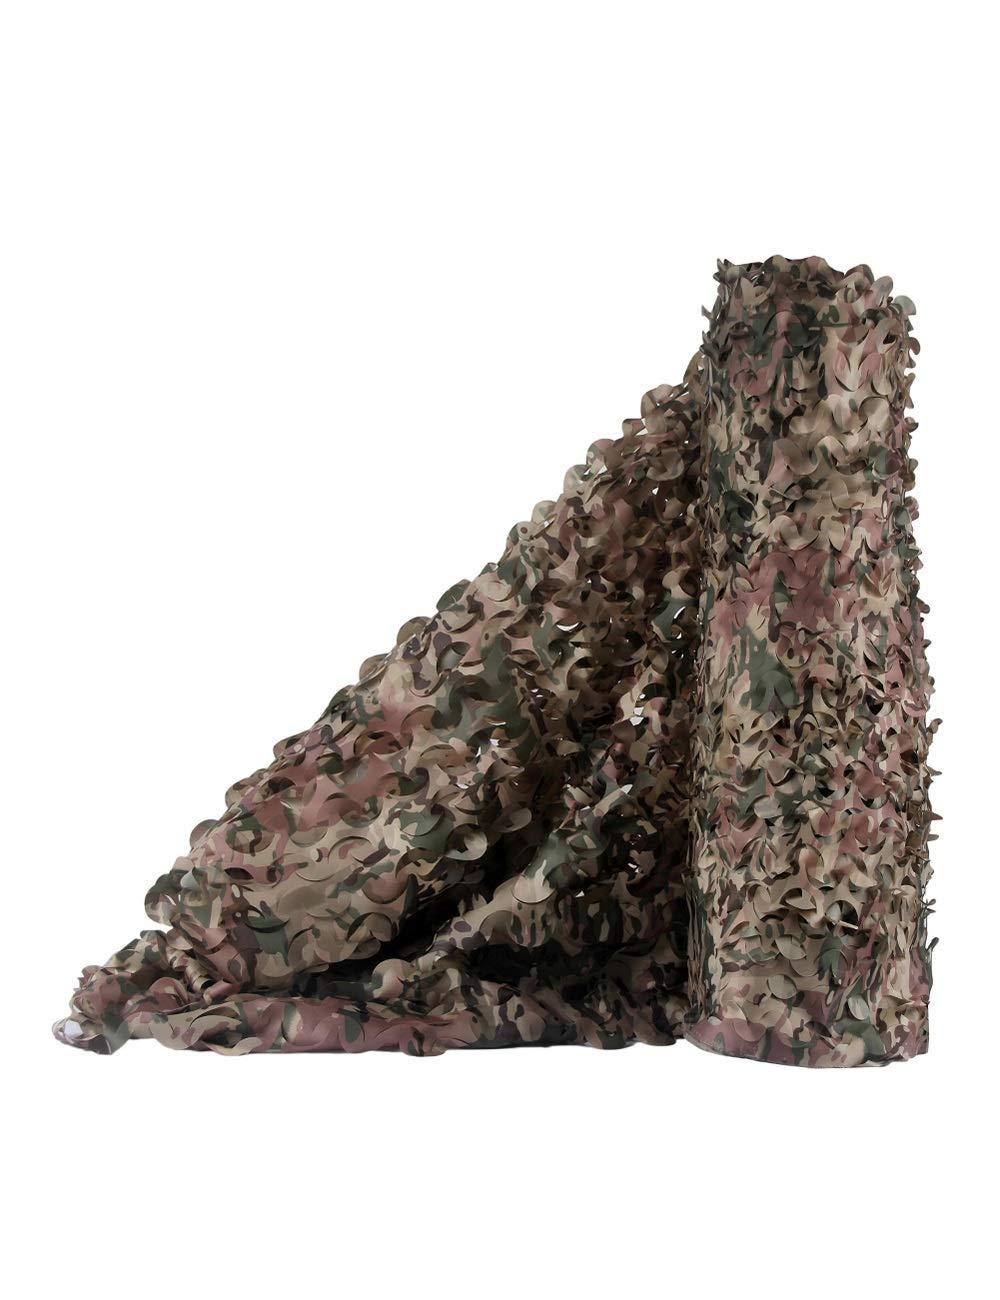 フォレスト迷彩ネット屋外集中ソリッド織インテリア装飾写真撮影キャンプ狩猟パーティー装飾防空迷彩カバー(1.5 * 2メートル) (サイズ さいず : 1.5*9m) 1.5*9m  B07QS3HBTT